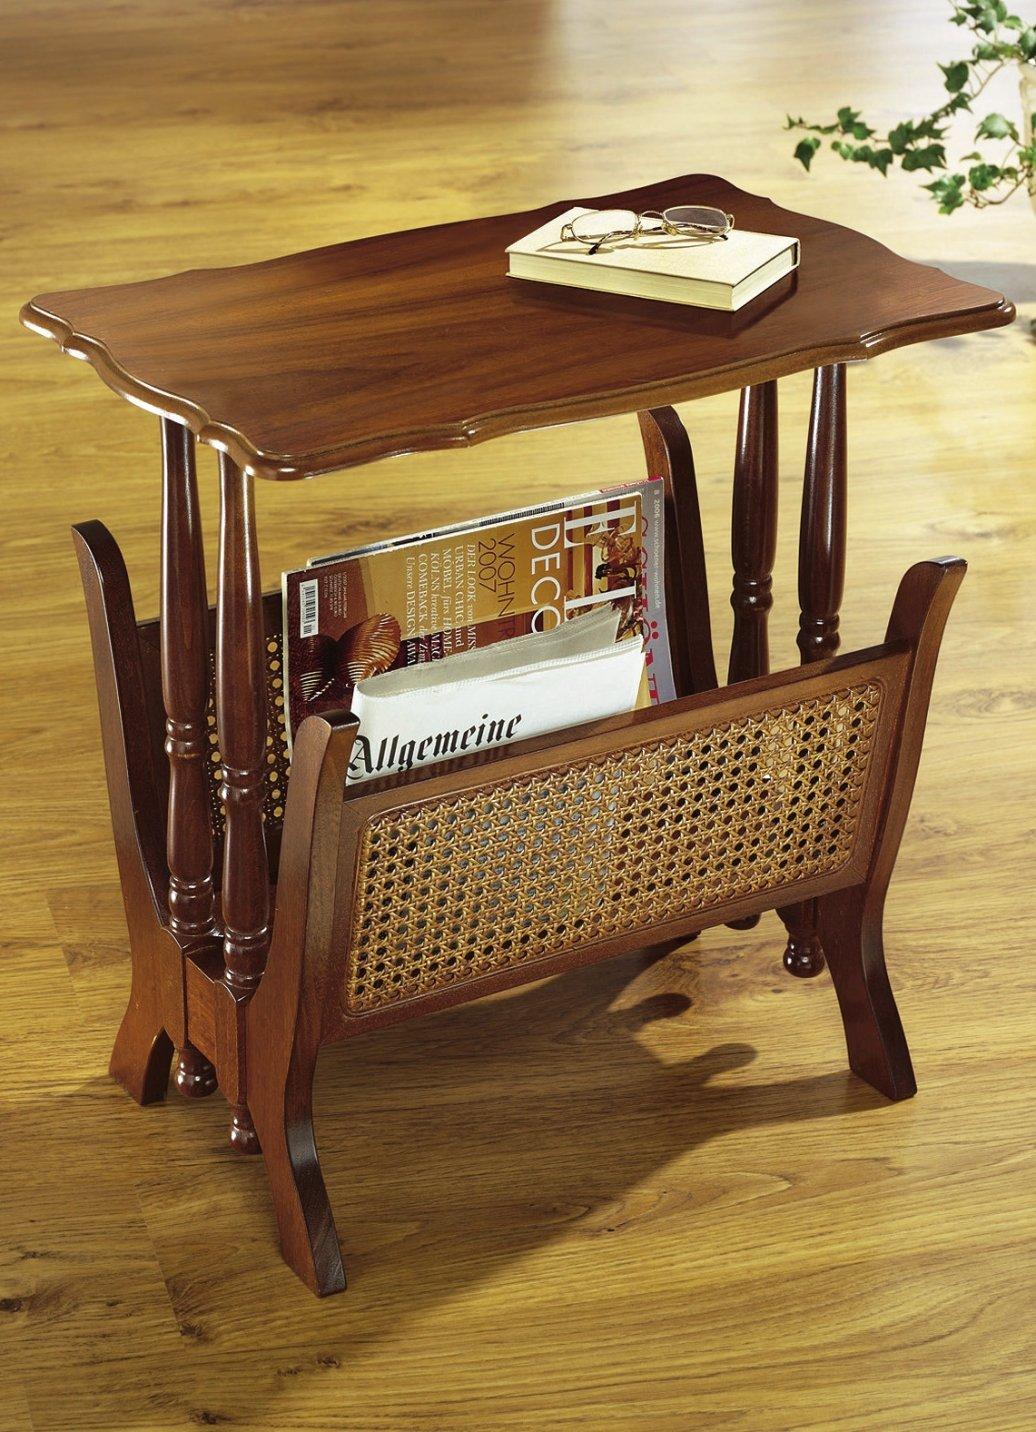 zeitungsst nder holz nussbaum mit ablagetisch zeitungstisch tisch schrank. Black Bedroom Furniture Sets. Home Design Ideas